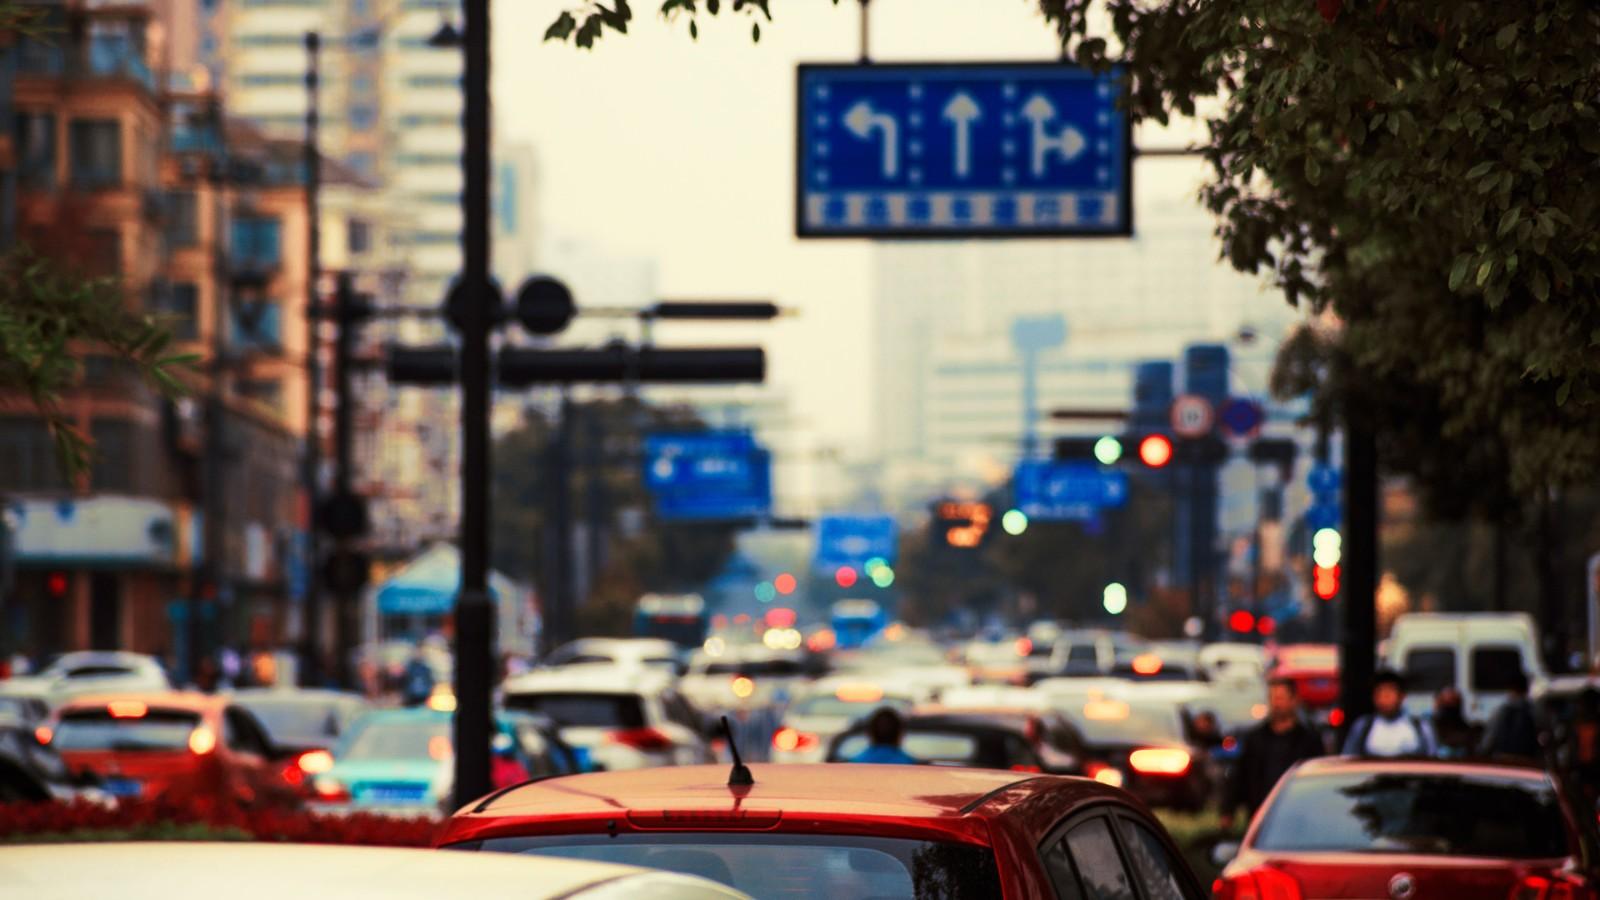 前面的司机绿灯不走,按喇叭也不走!我只能实线变道,这样有问题吗?